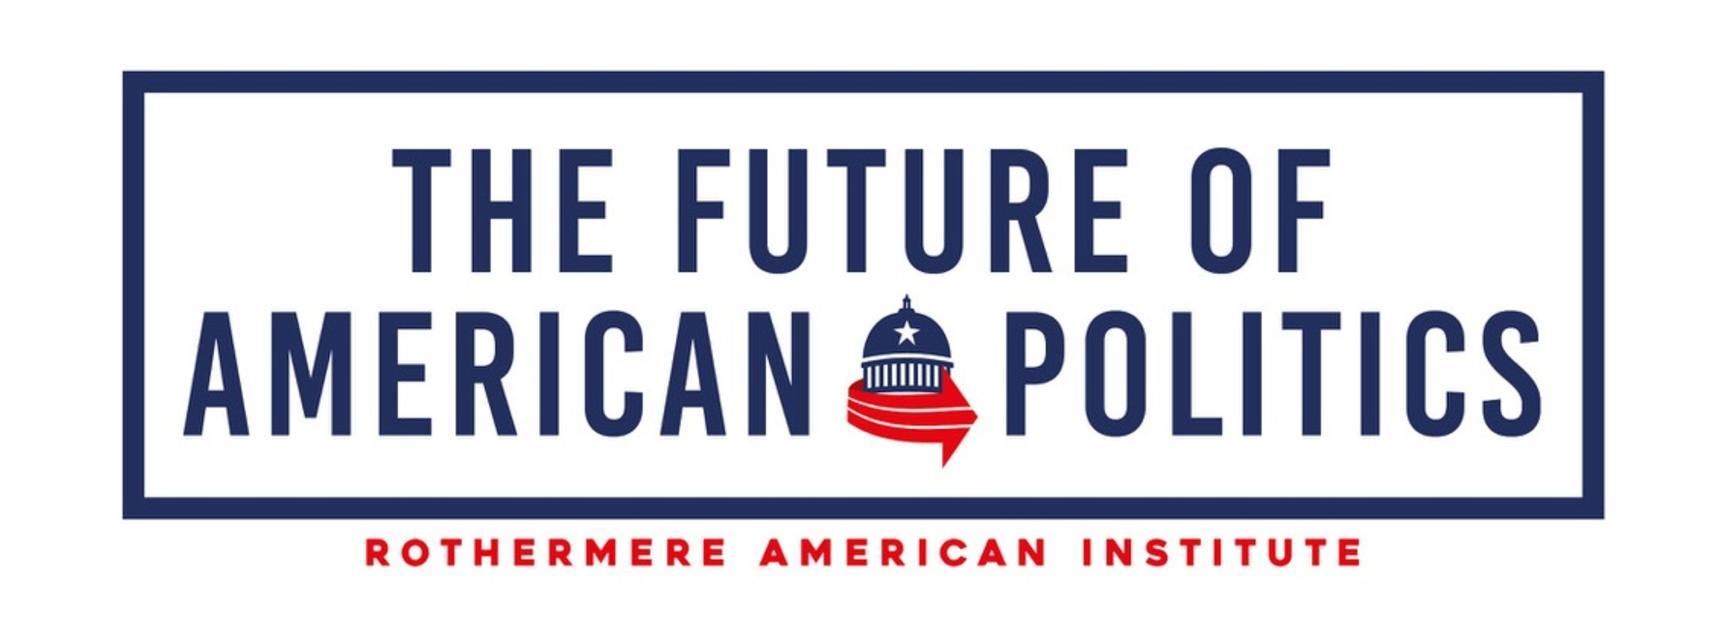 Future of American Politics box logo